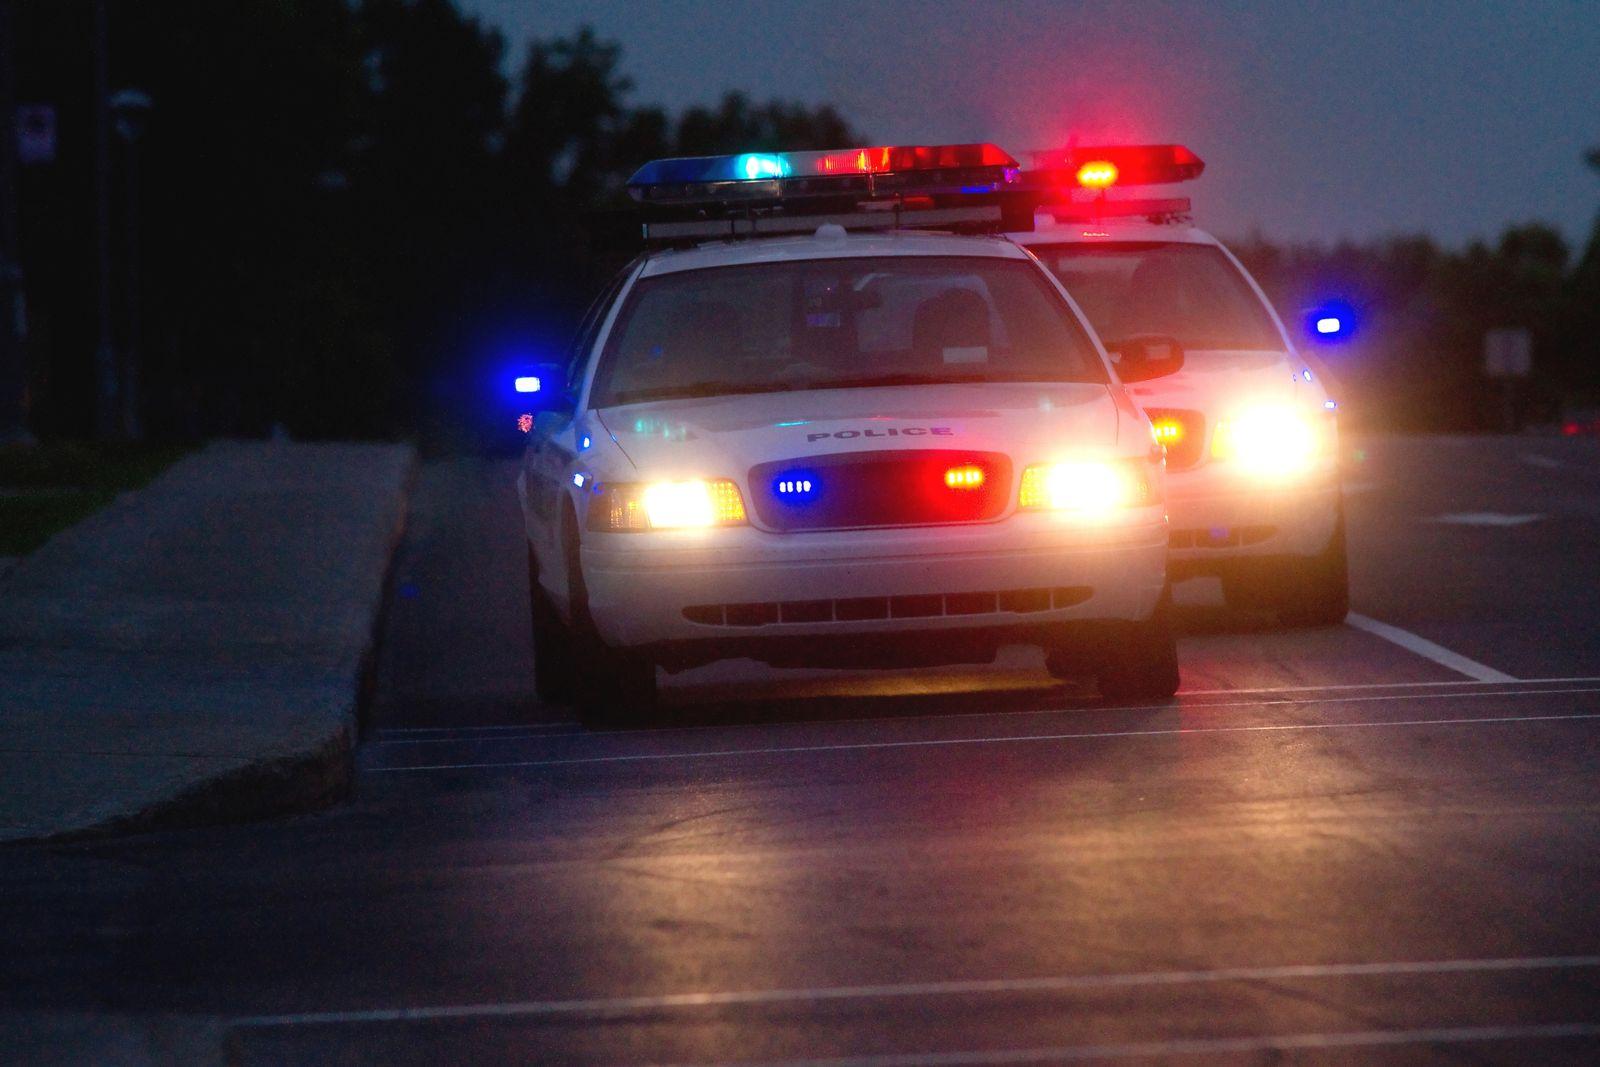 eluding law enforcement